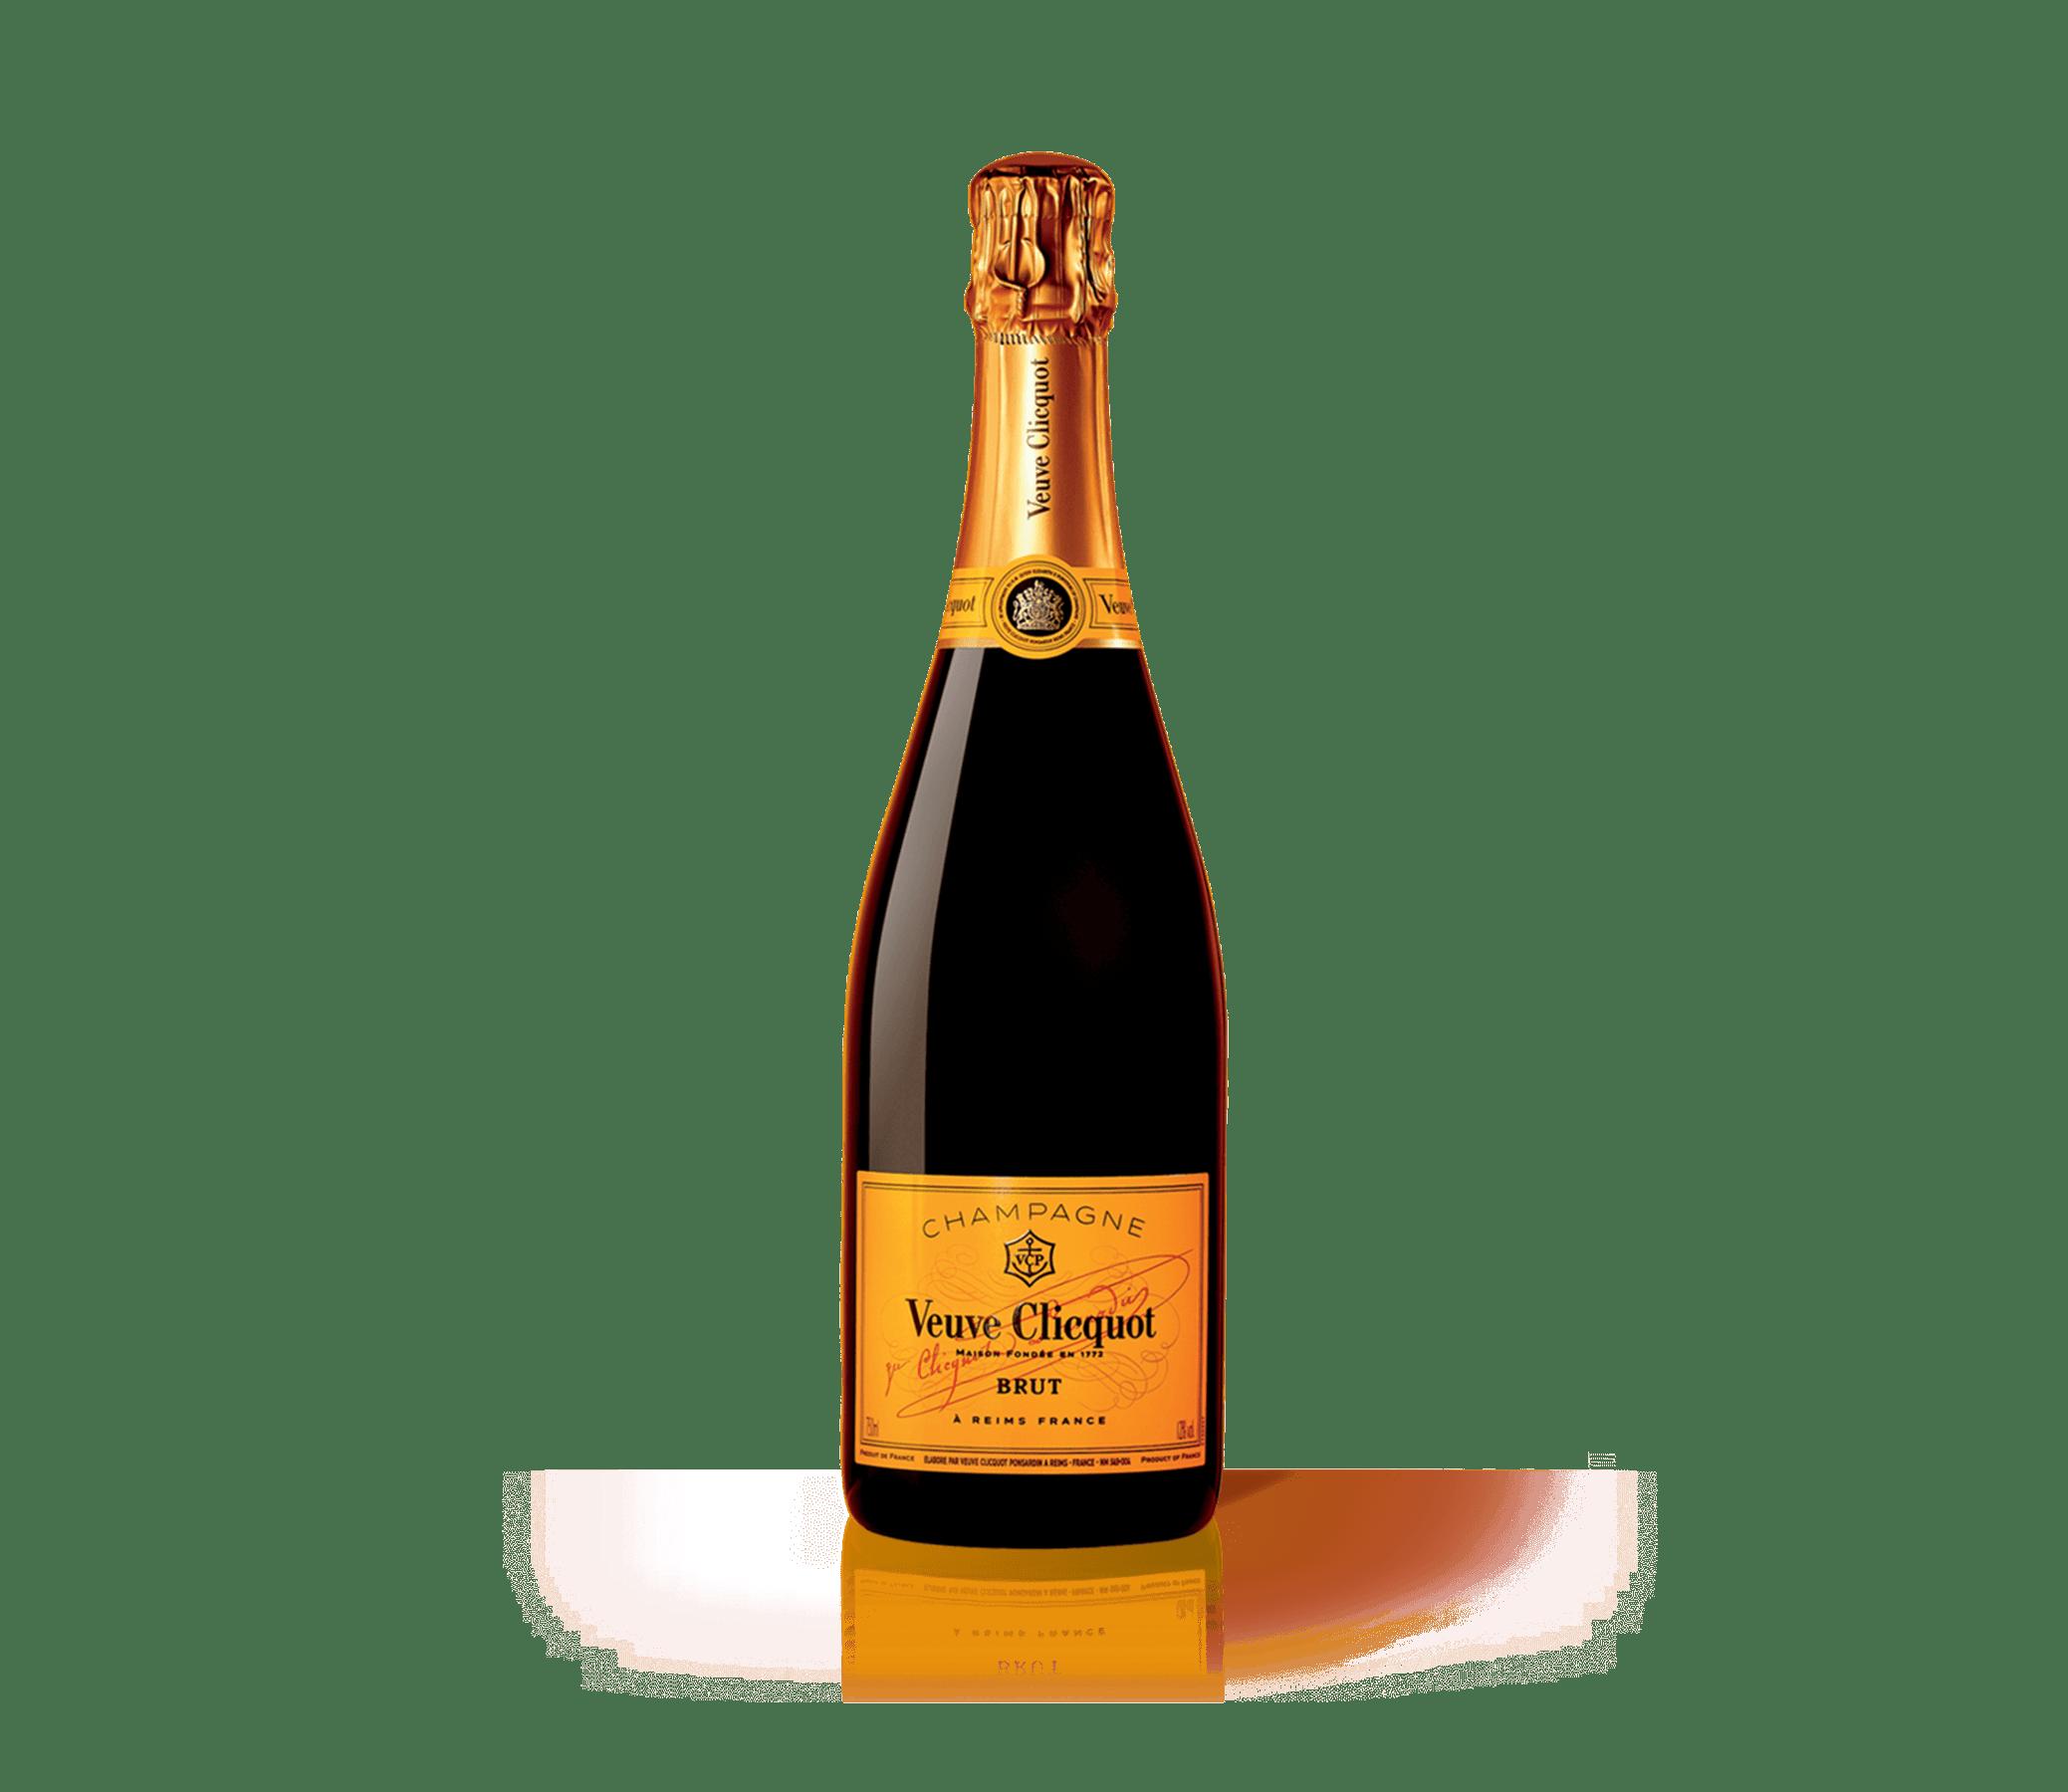 Garrafa do Champagne Veuve Clicquot Brut